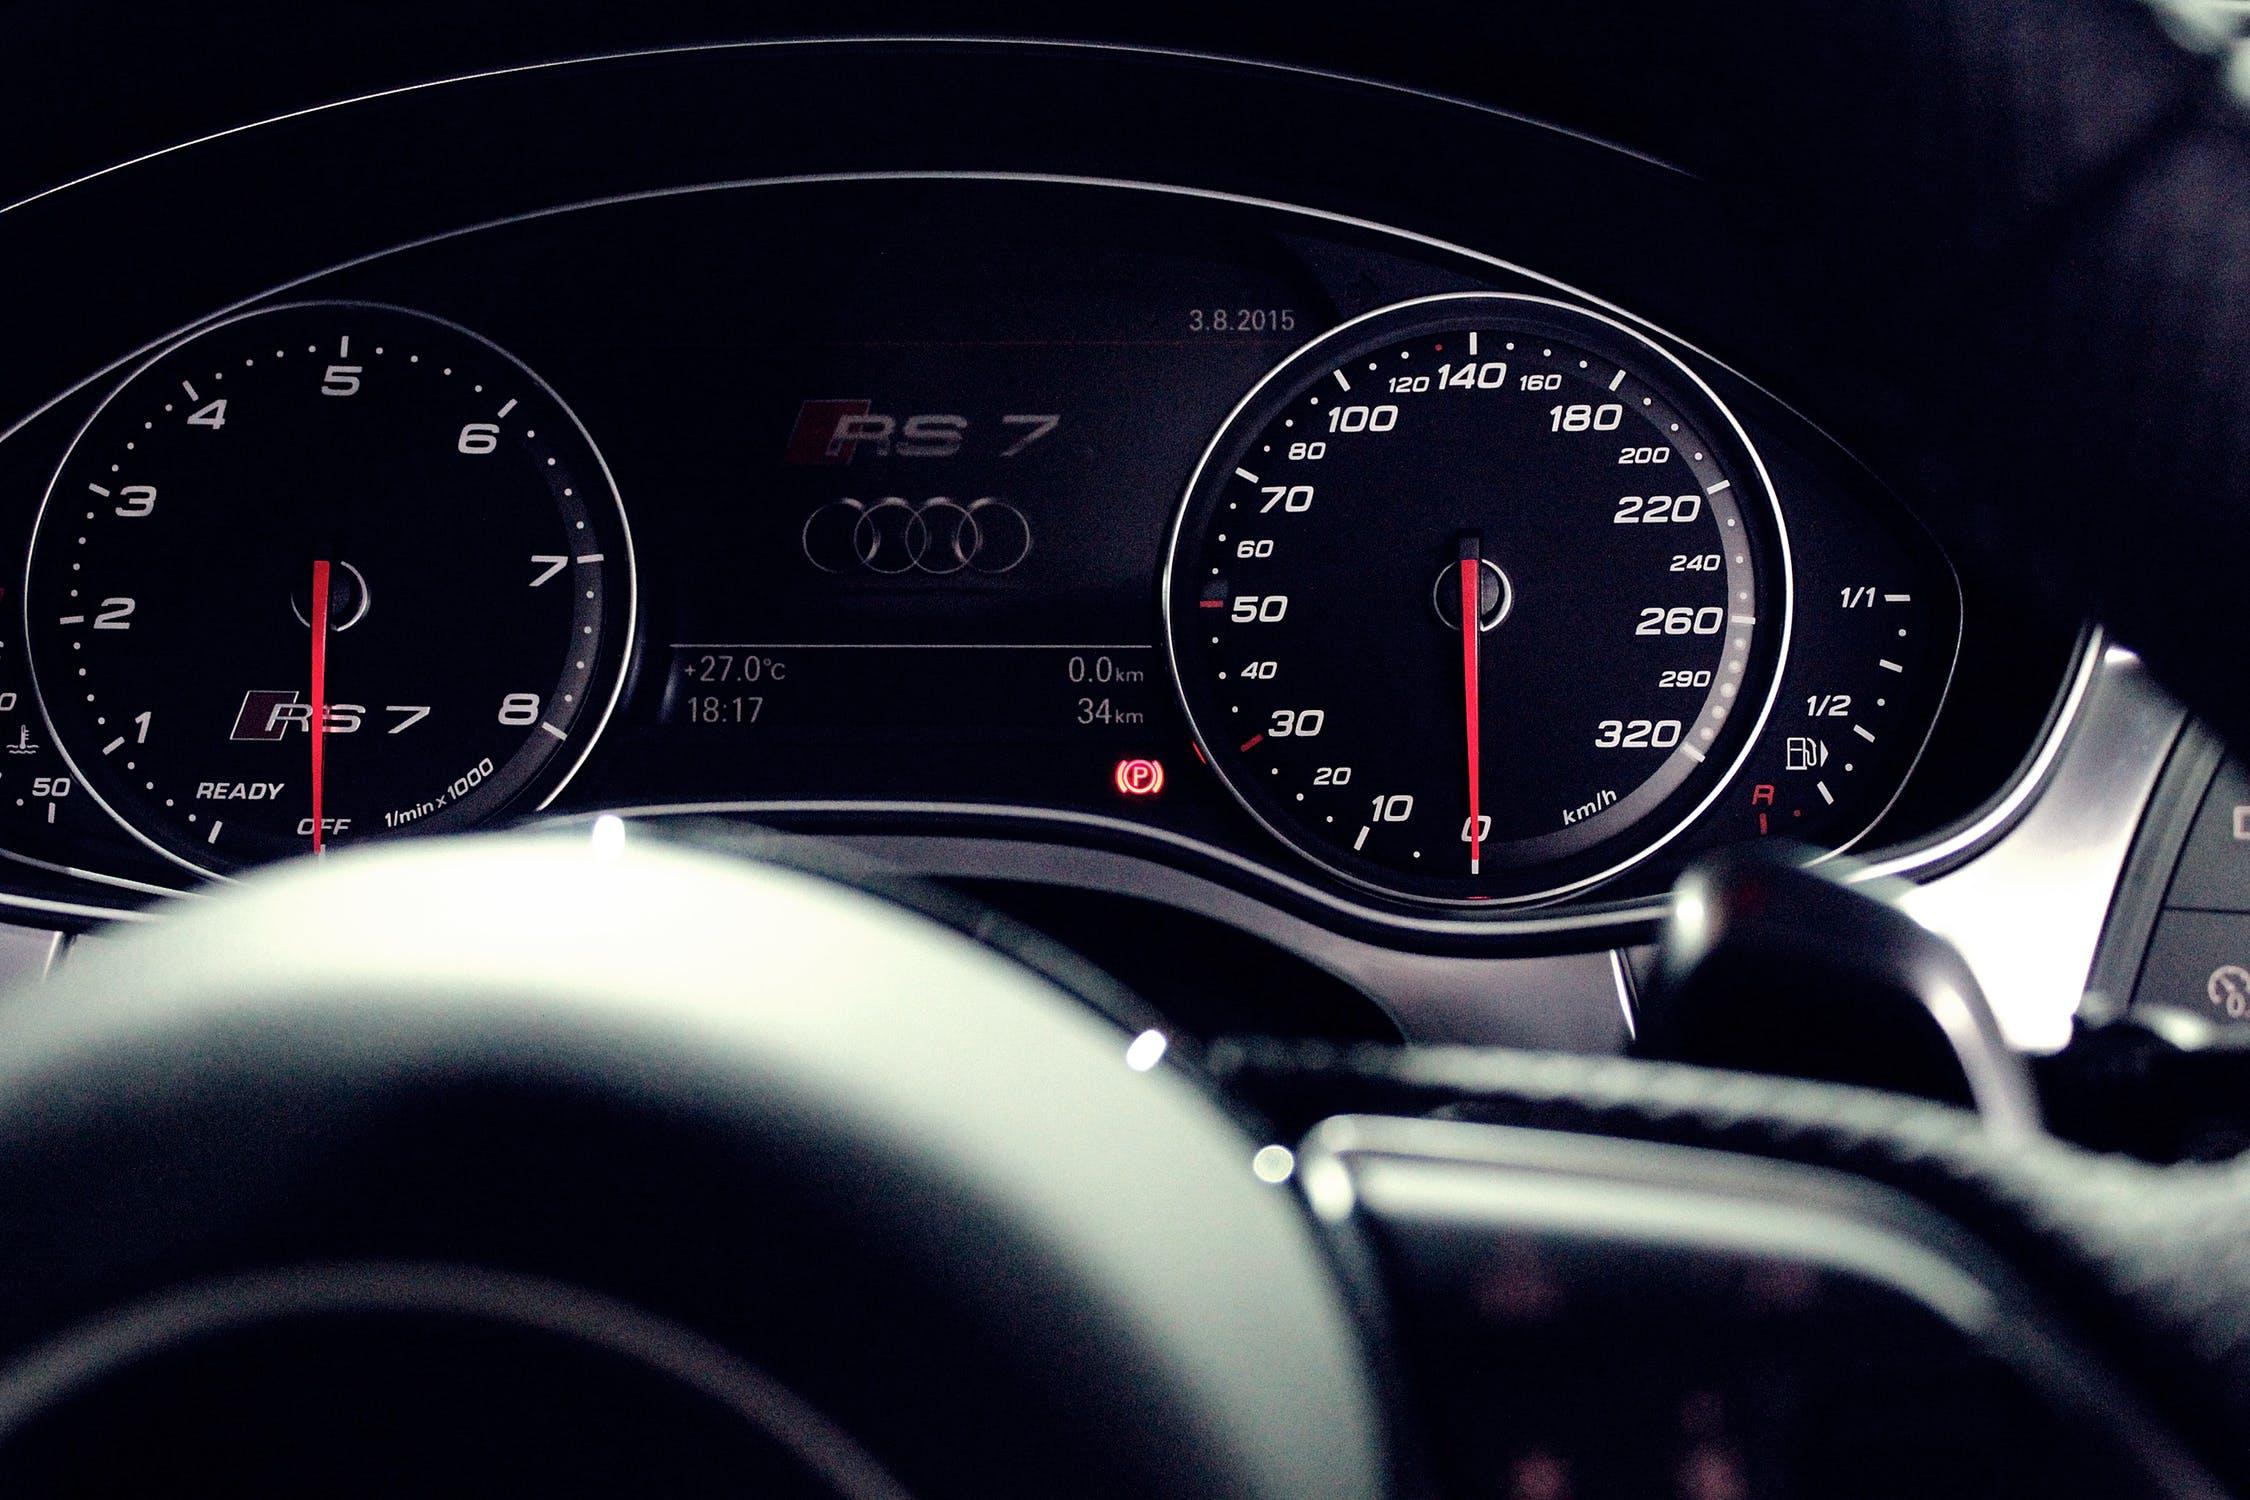 Kompendium kontrolek samochodowych